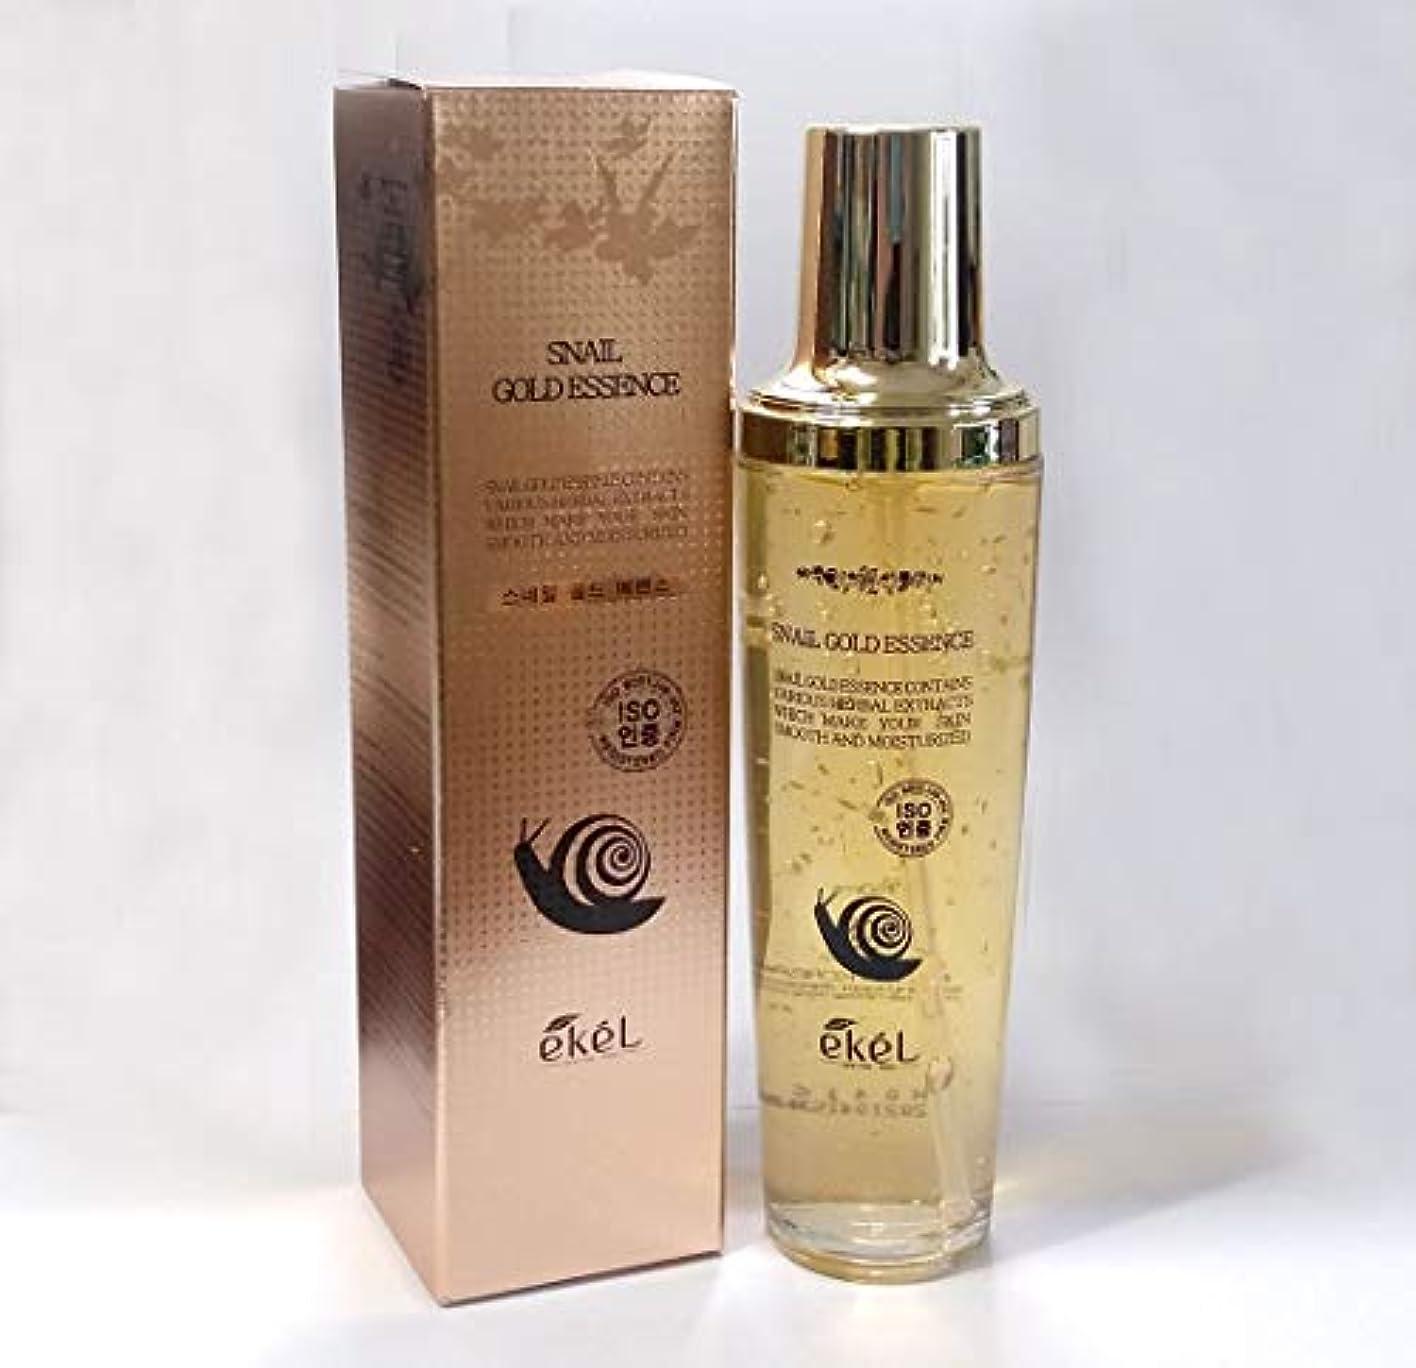 スクランブル階段クレジット[EKEL] ゴールドエッセンス150ml /ハーブエキス/スムーズ&モイスチャライド/韓国化粧品 / Gold Essence 150ml / Herbal Extracts / Smooth & Moisturized...